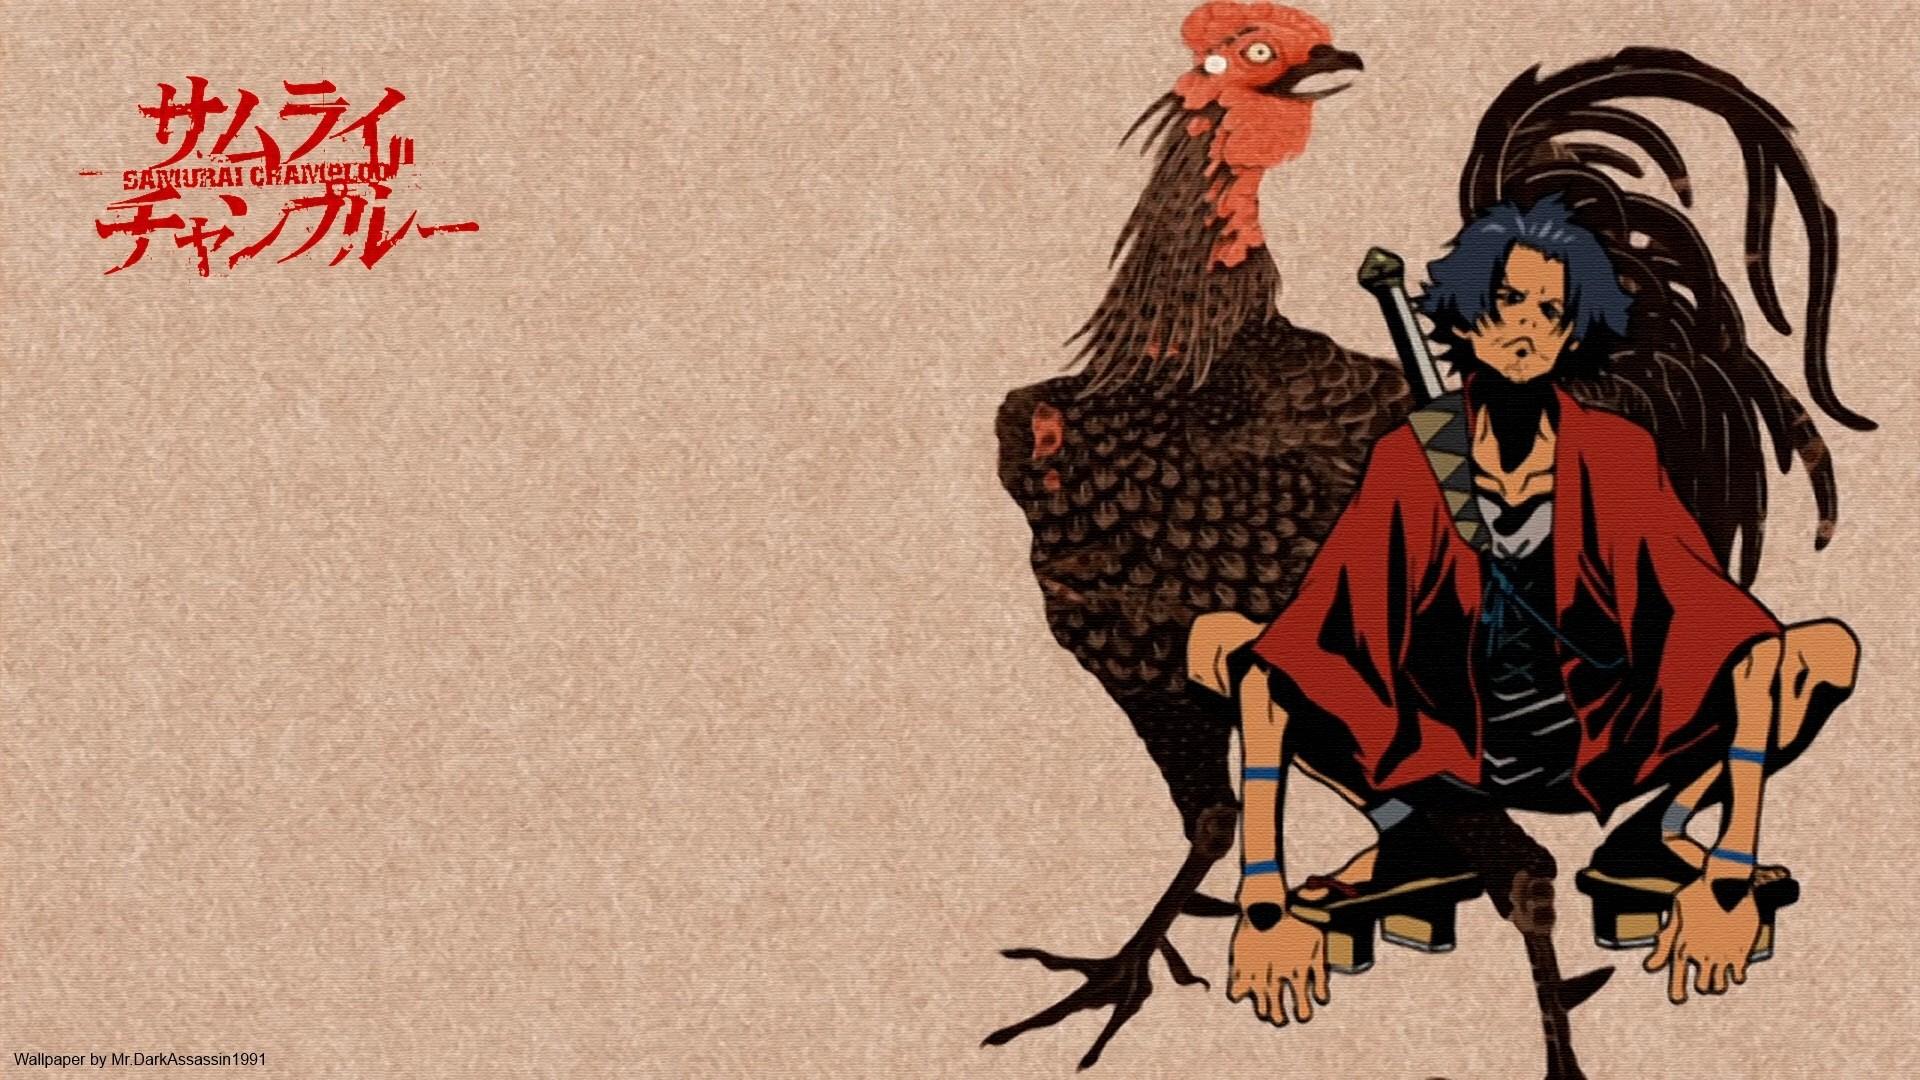 samurai champloo; mugen